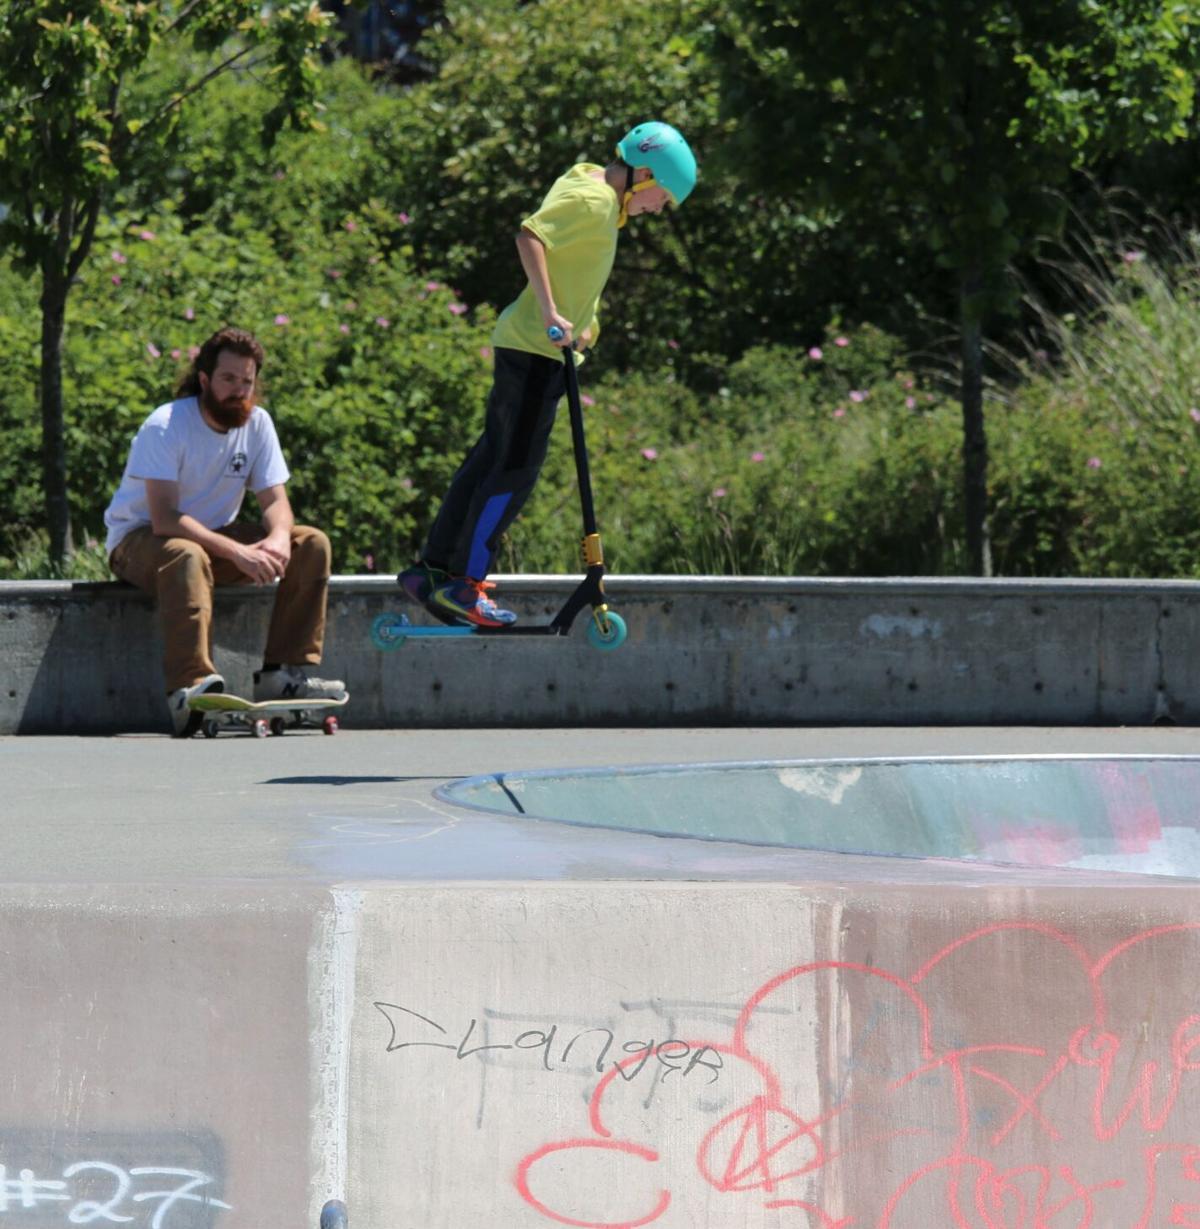 0609 skate park 1